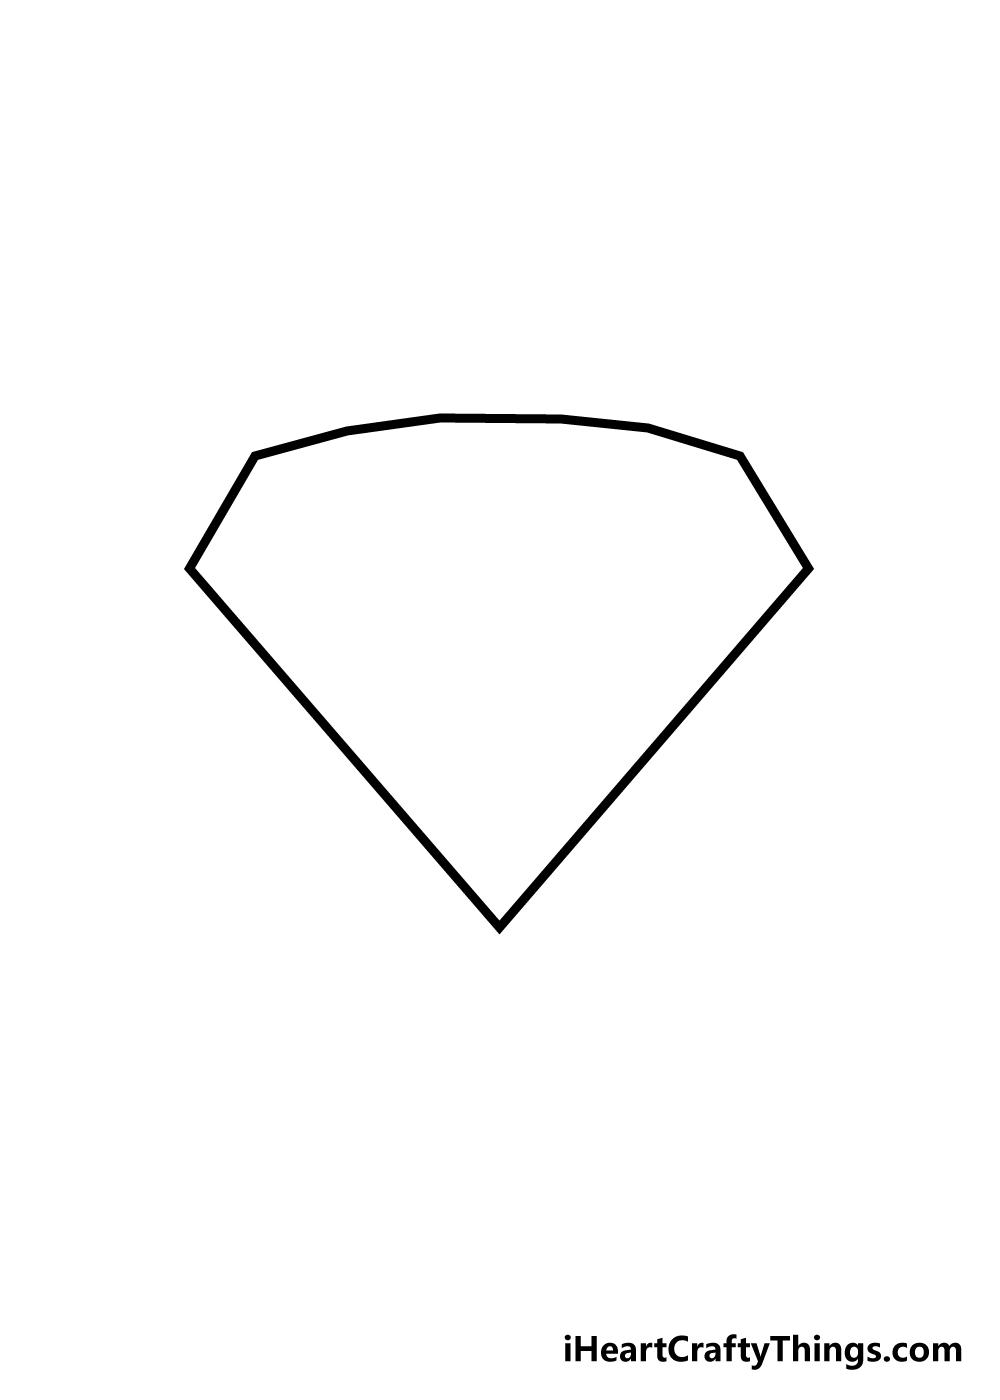 diamond drawing step 1